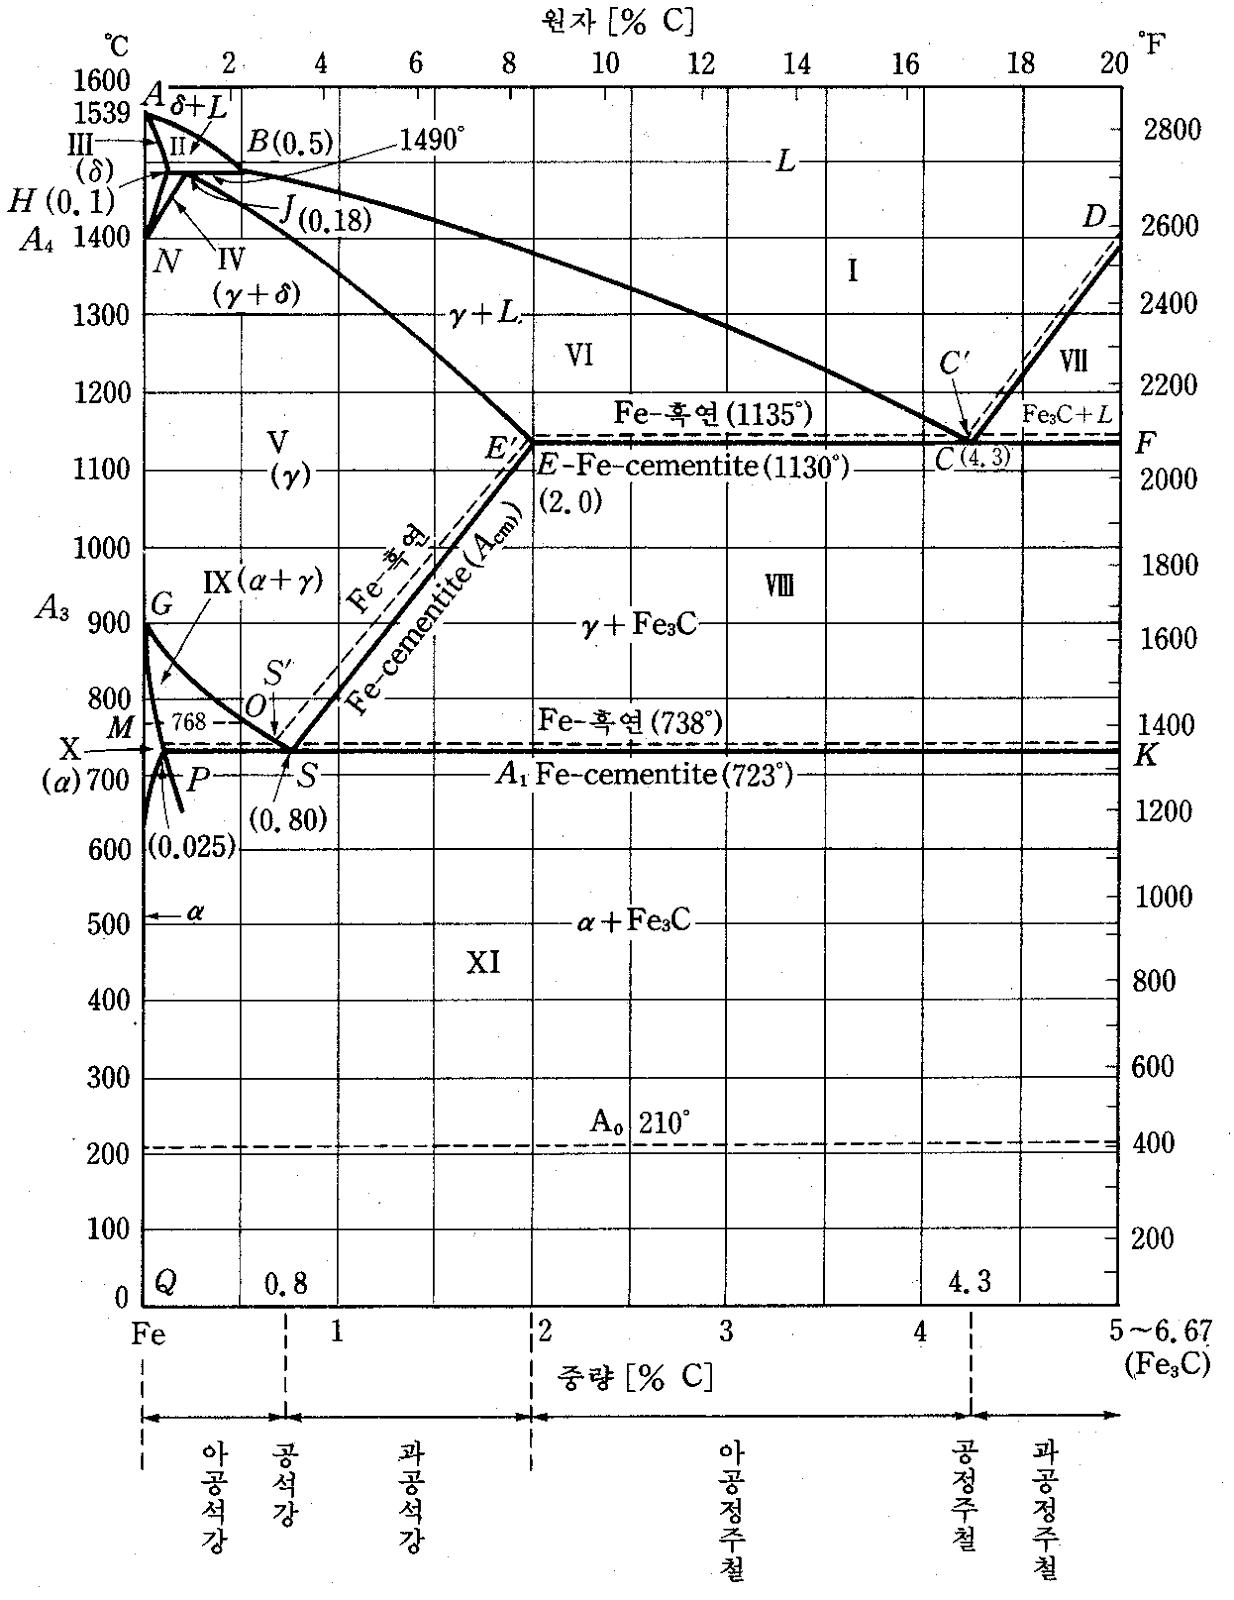 Siring S Memo Fe C Ttt Diagram